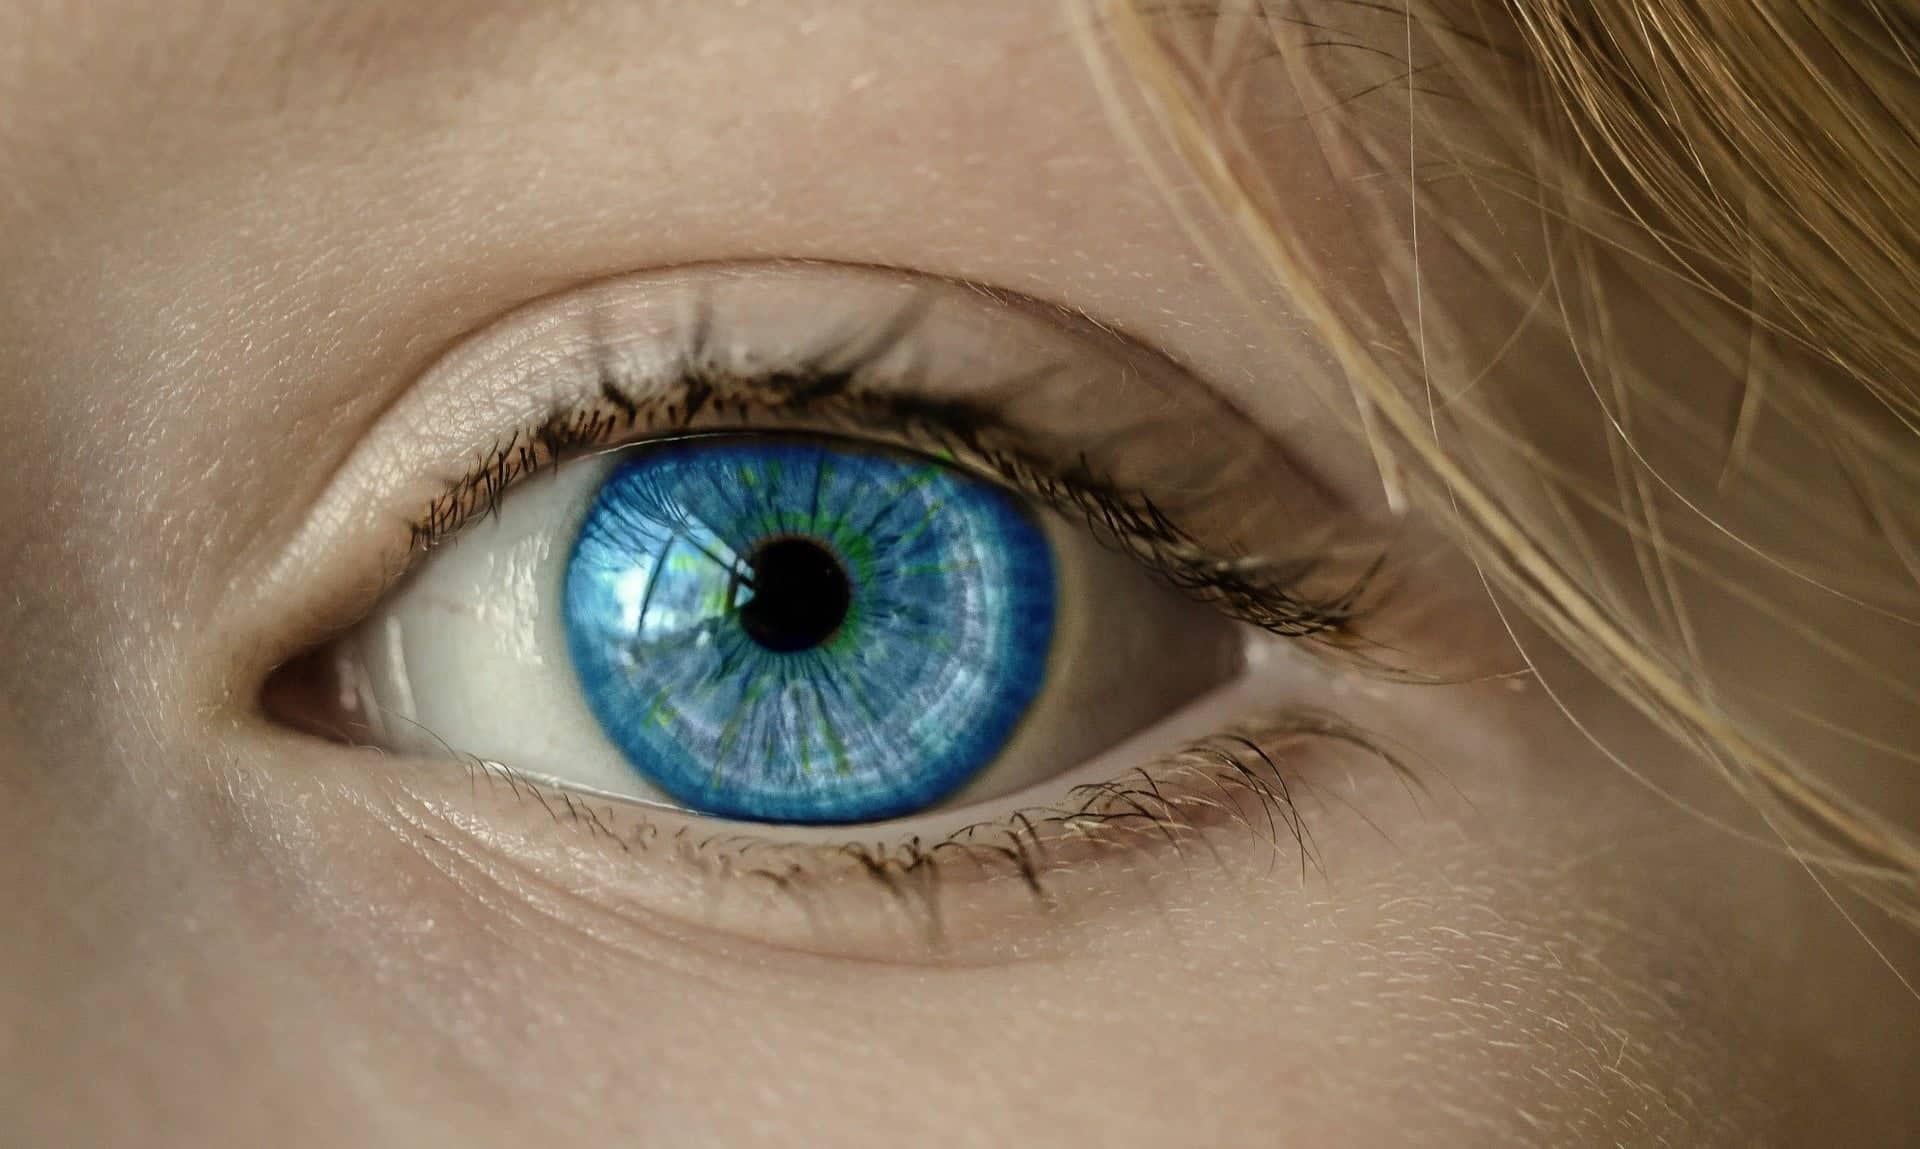 Näkeminen - lähikuva silmästä